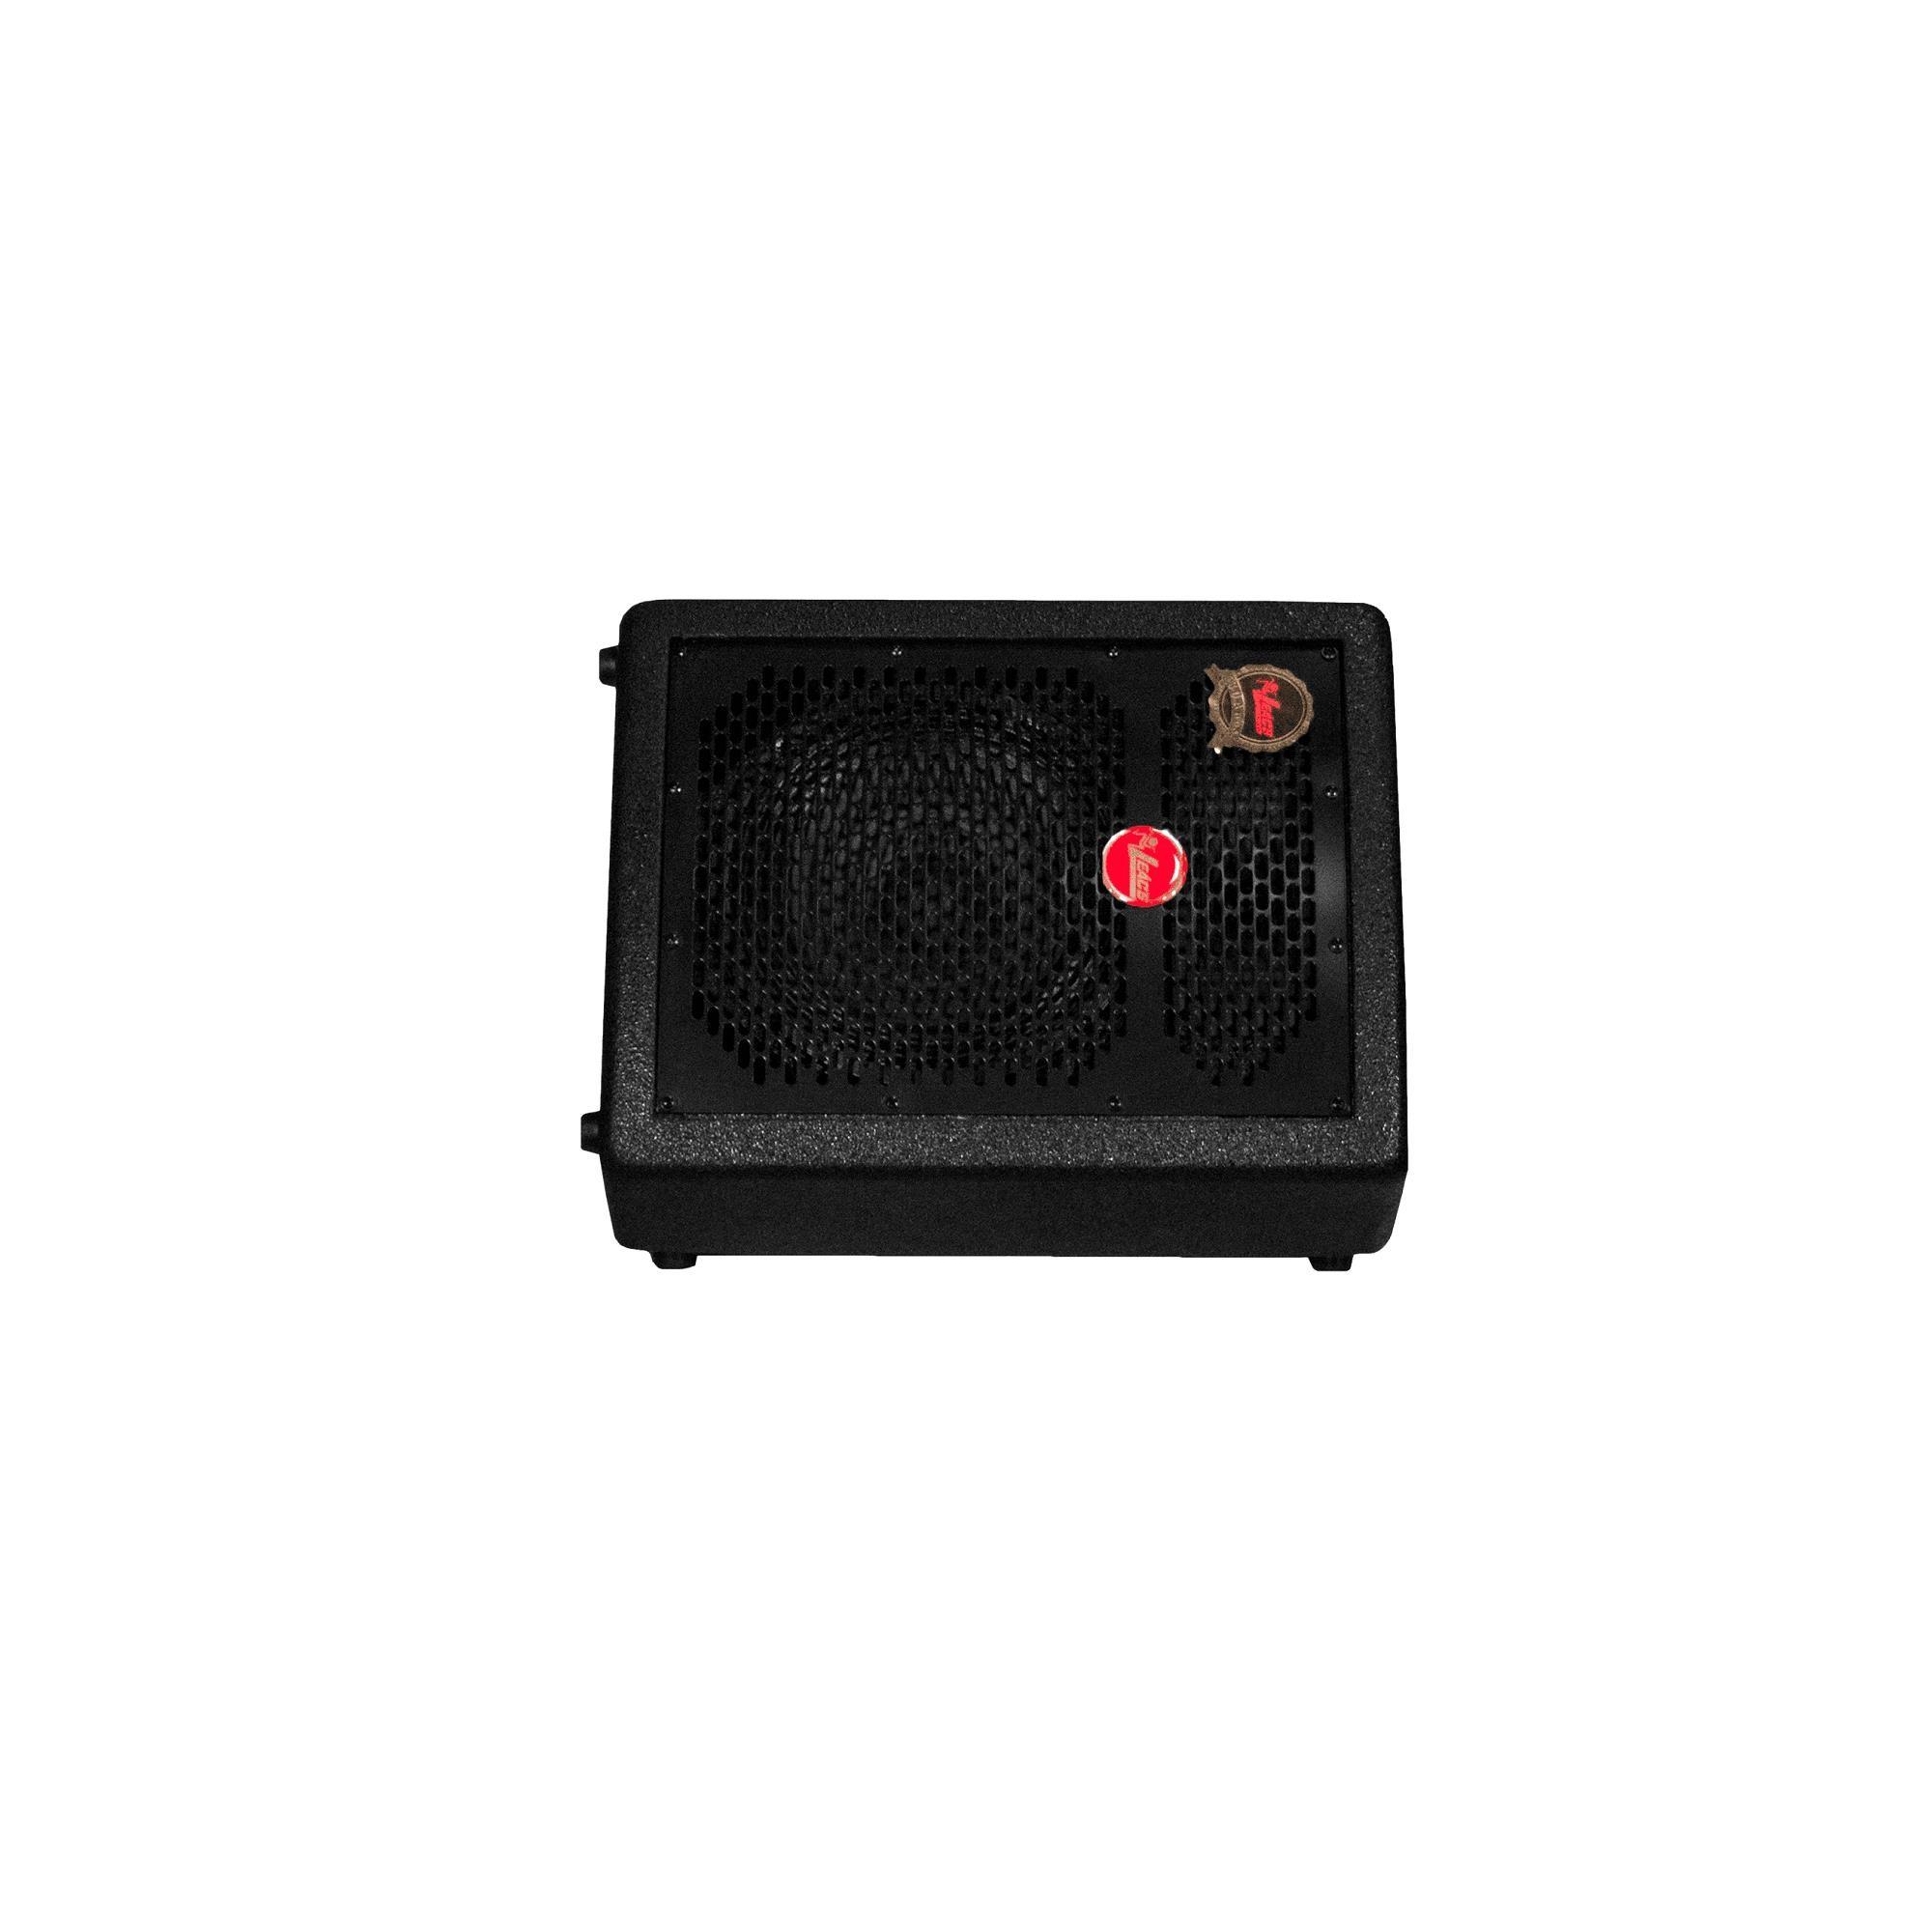 Caixa Passiva Leacs FIT-150P (8''/2 Vias/80w RMS)